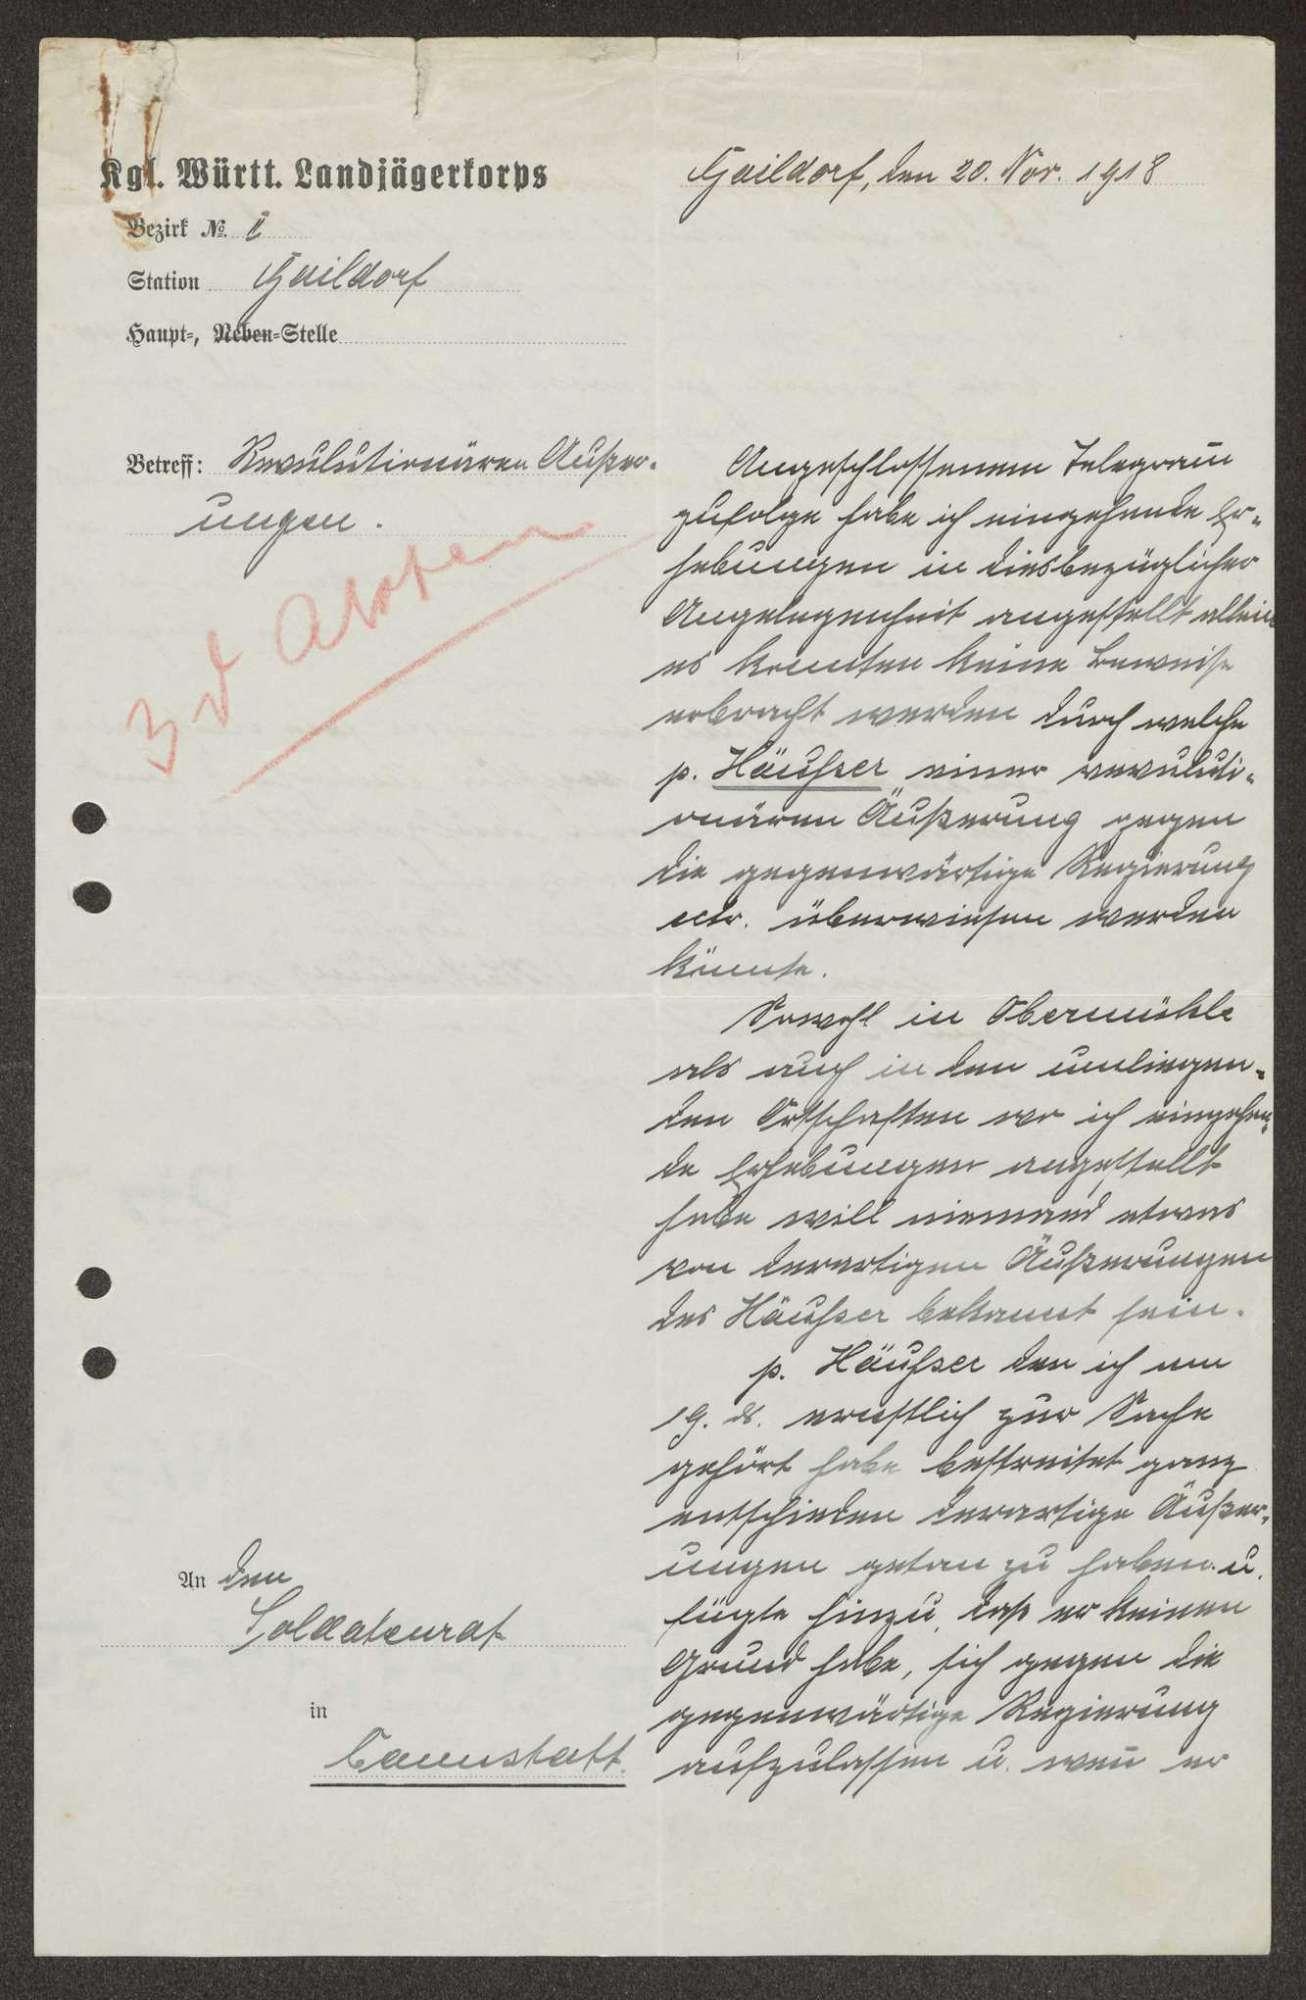 Mitteilung des Landjägerkorps Gaildorf über angebliche anti-revolutionäre Äußerungen eines Mühlenbesitzers, Bild 2